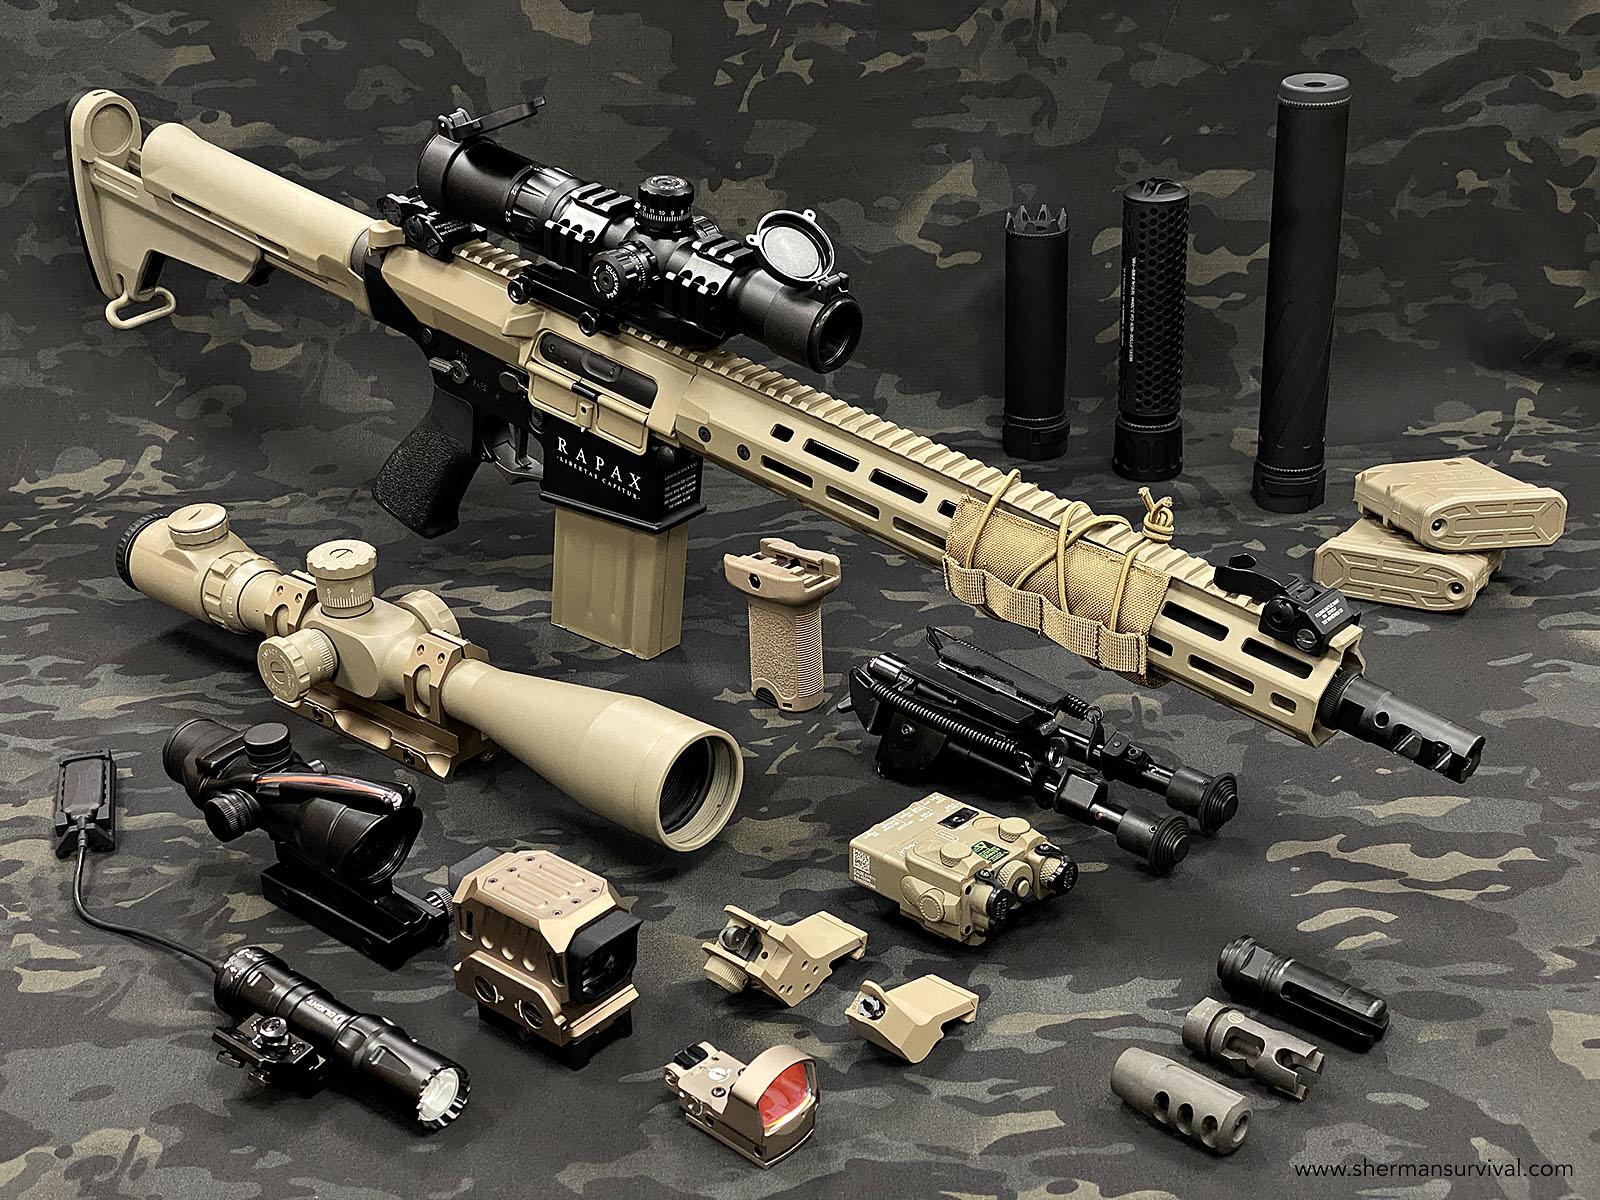 DMR RAPAX XXI M.5 SECUTOR ARMS AIRSOFT